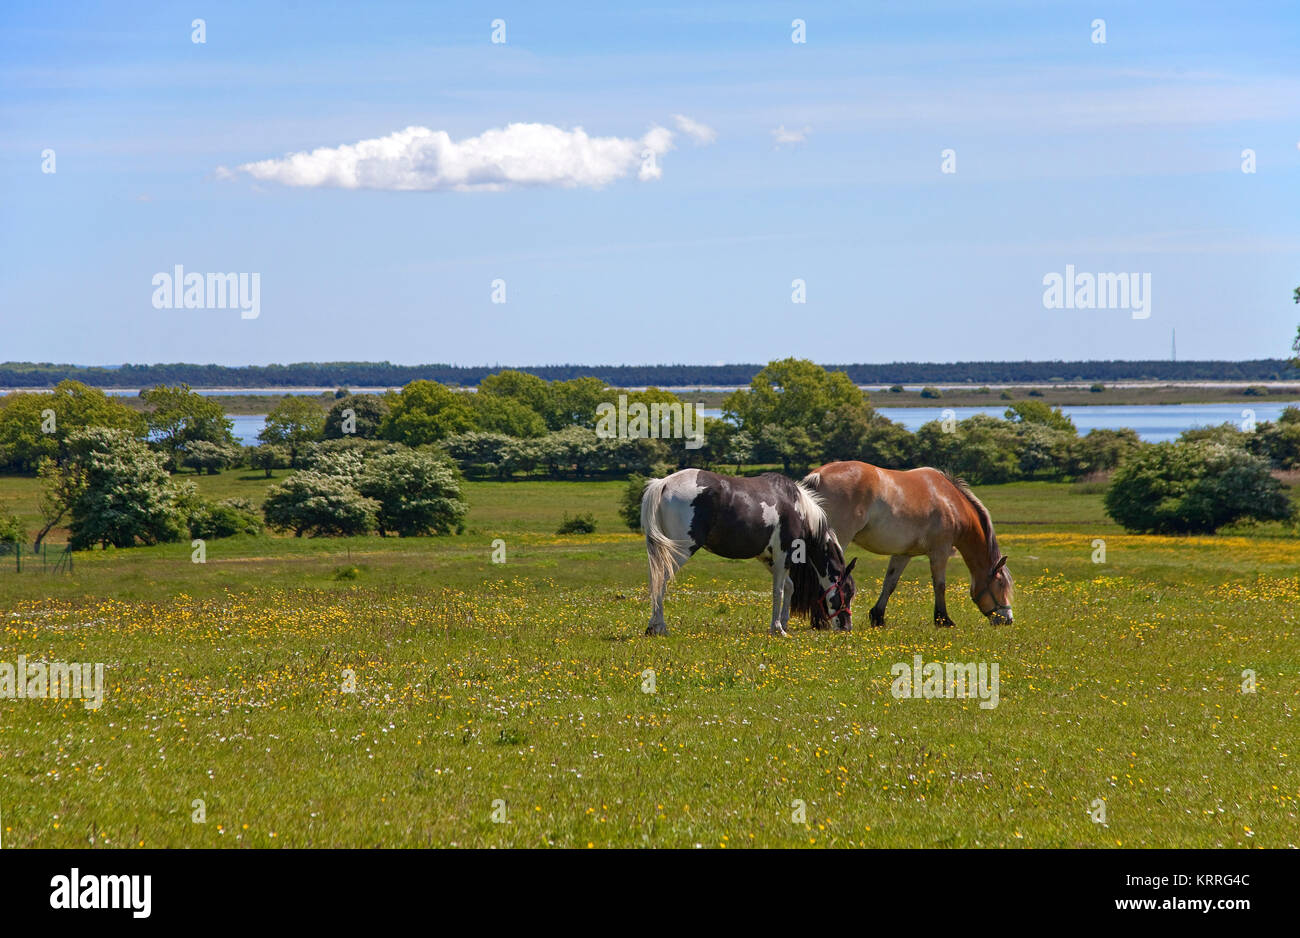 Pferde auf Feld, Hiddensee, Nationalpark 'Vorpommersche National Park', Mecklenburg-Vorpommern, Ostsee, Stockbild